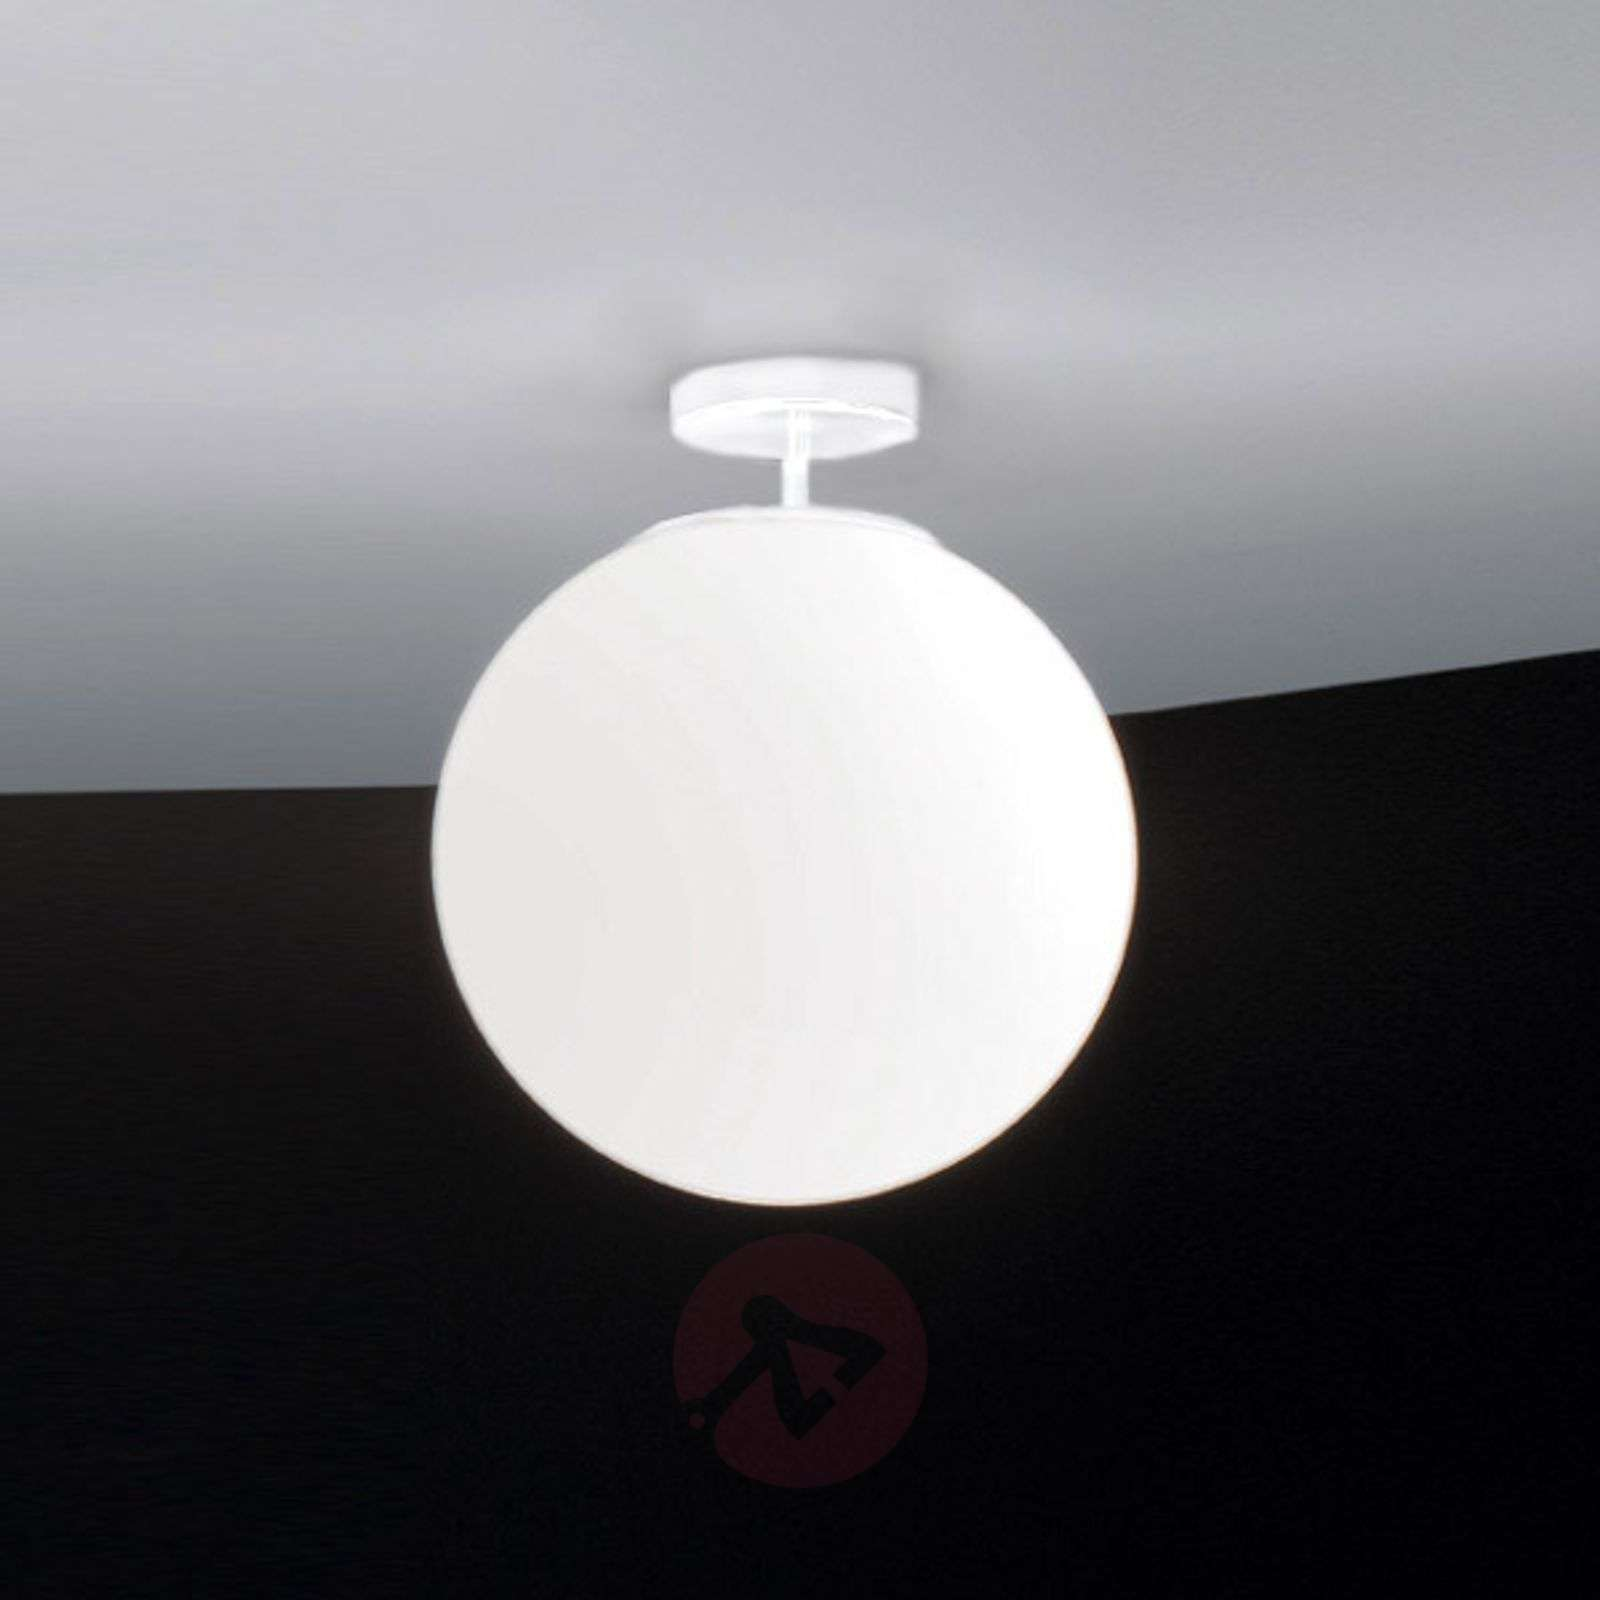 Lasinen Sferis-kattovalaisin, 30 cm, valkoinen-1053050-01